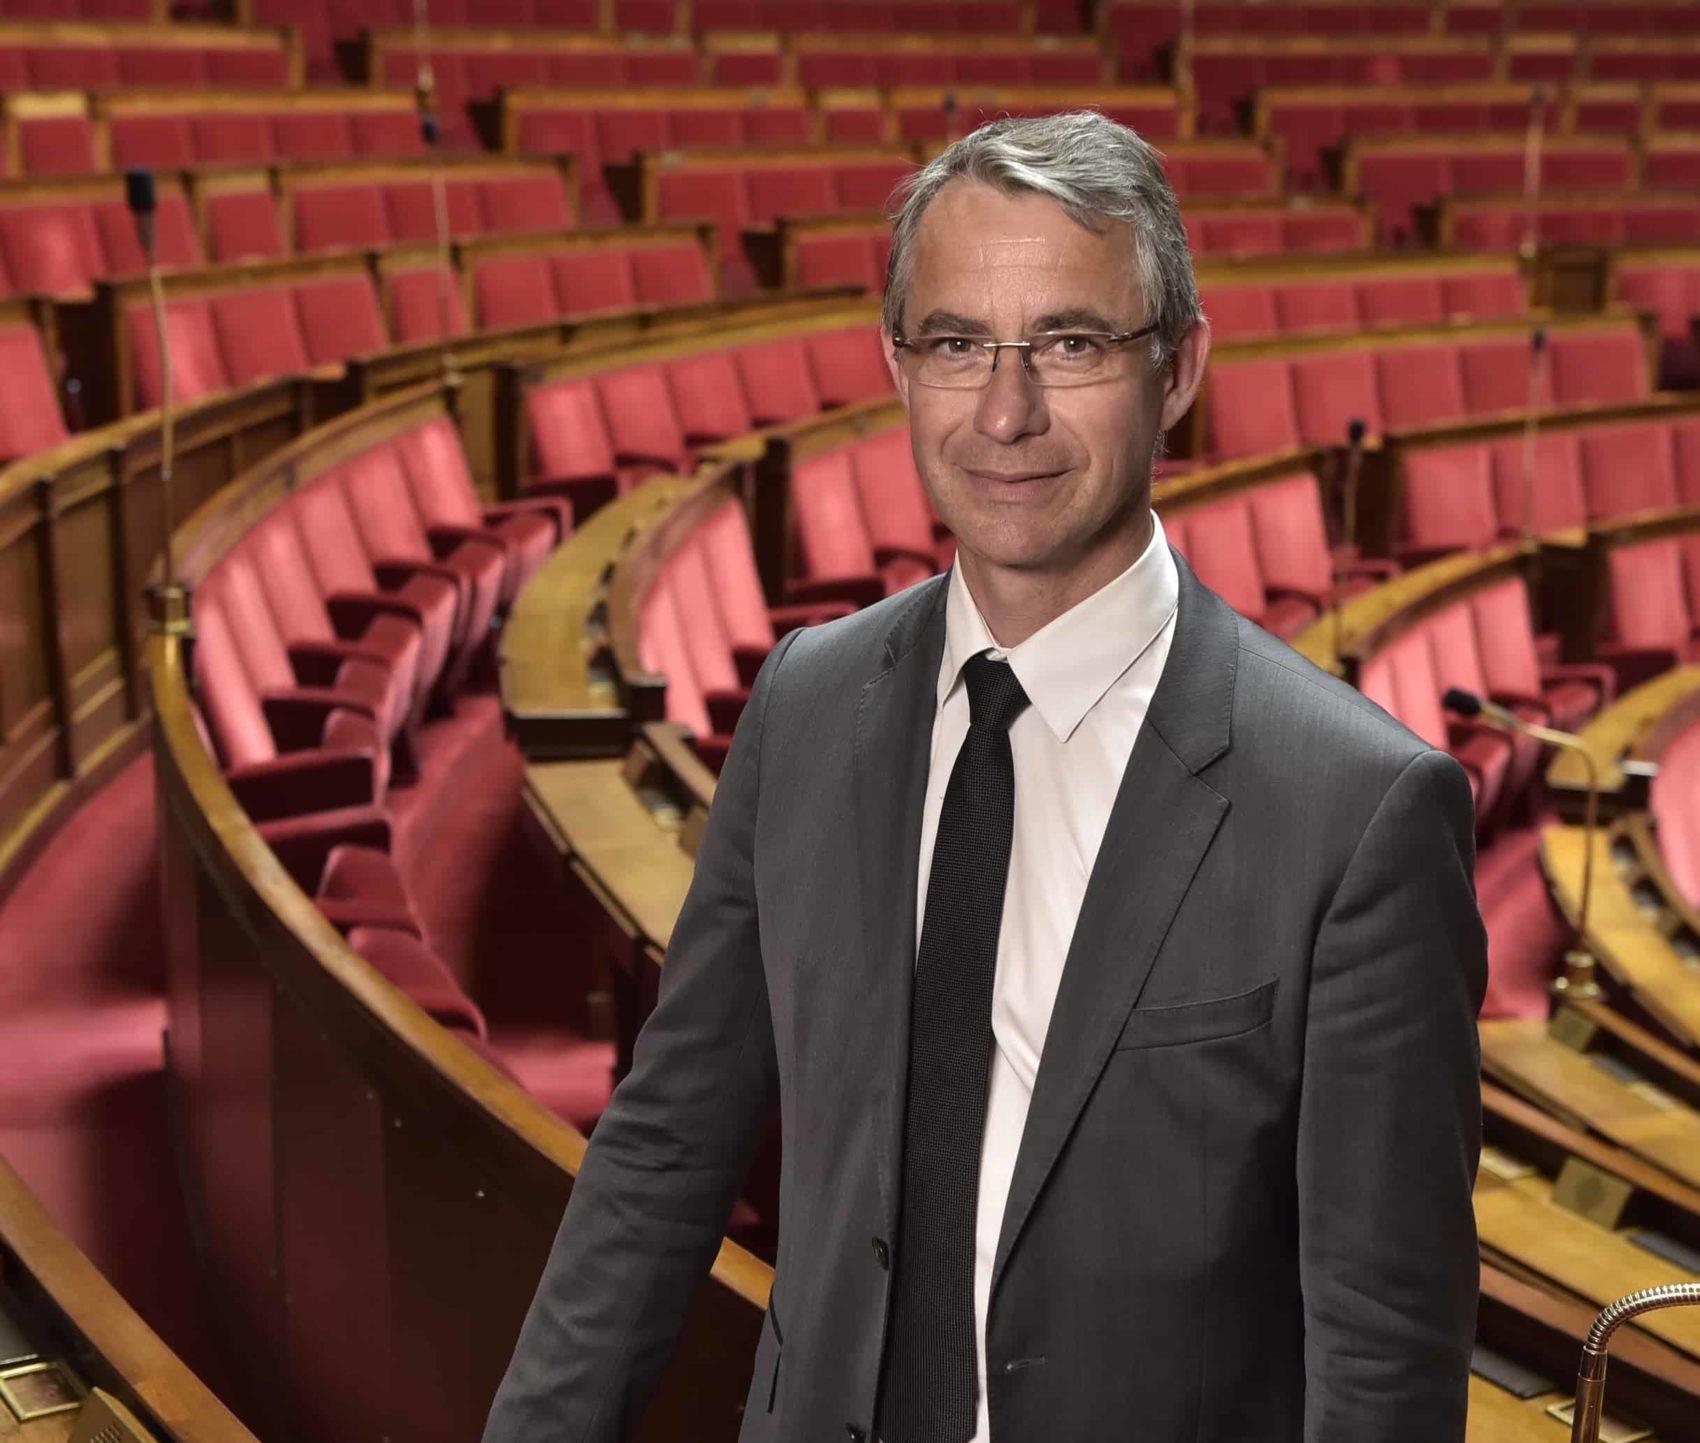 UNE VIE POUR SERVIR- Rencontre avec Jean-Michel Jacques, député de la 6e circonscription du Morbihan.